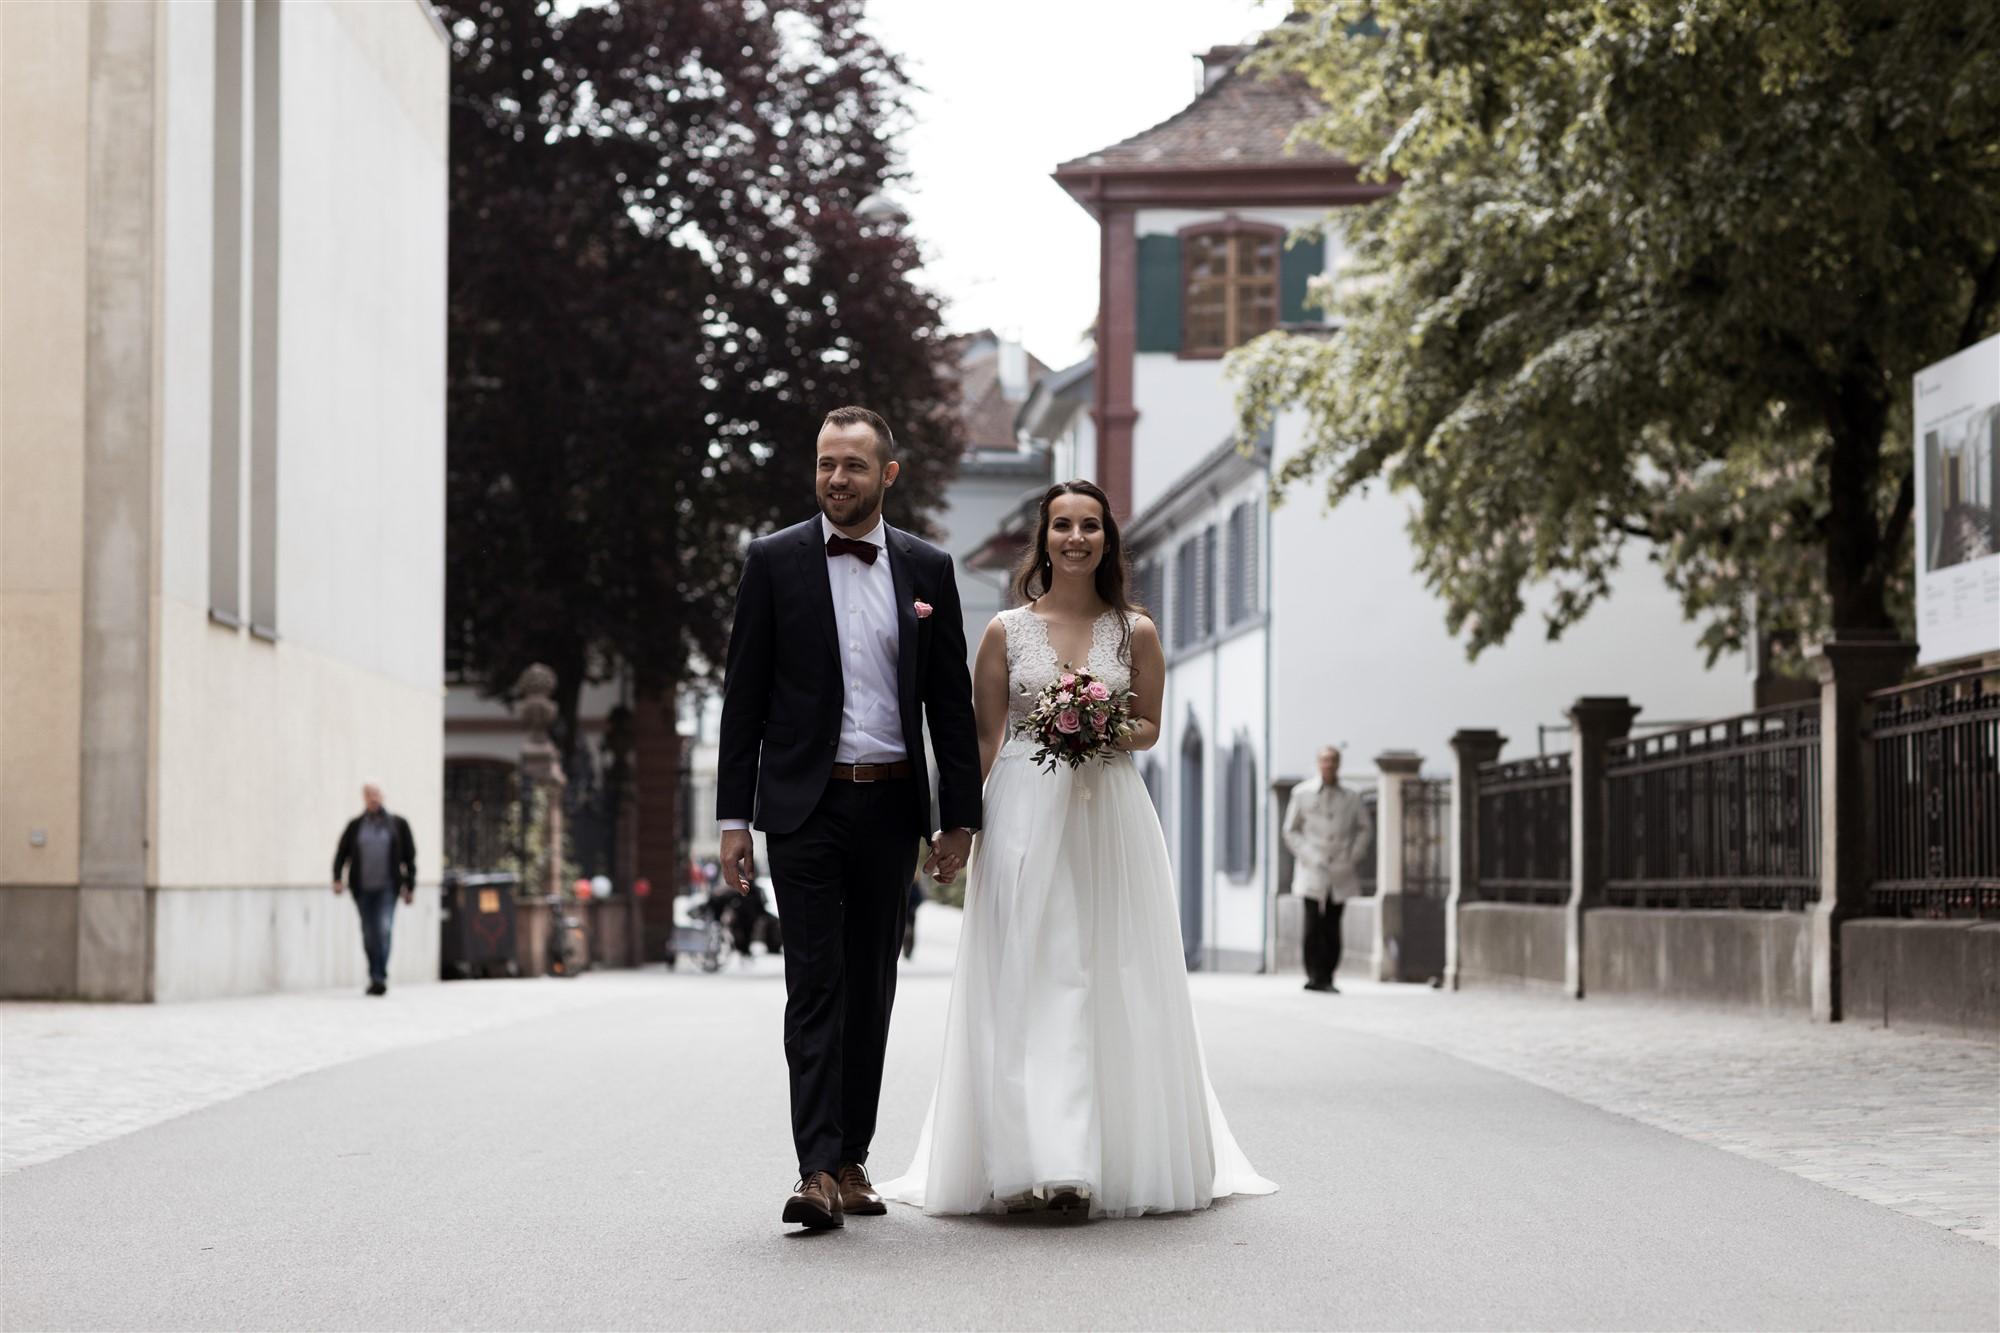 Das frisch vermählte Brautpaar spaziert auf dem Münsterplatz